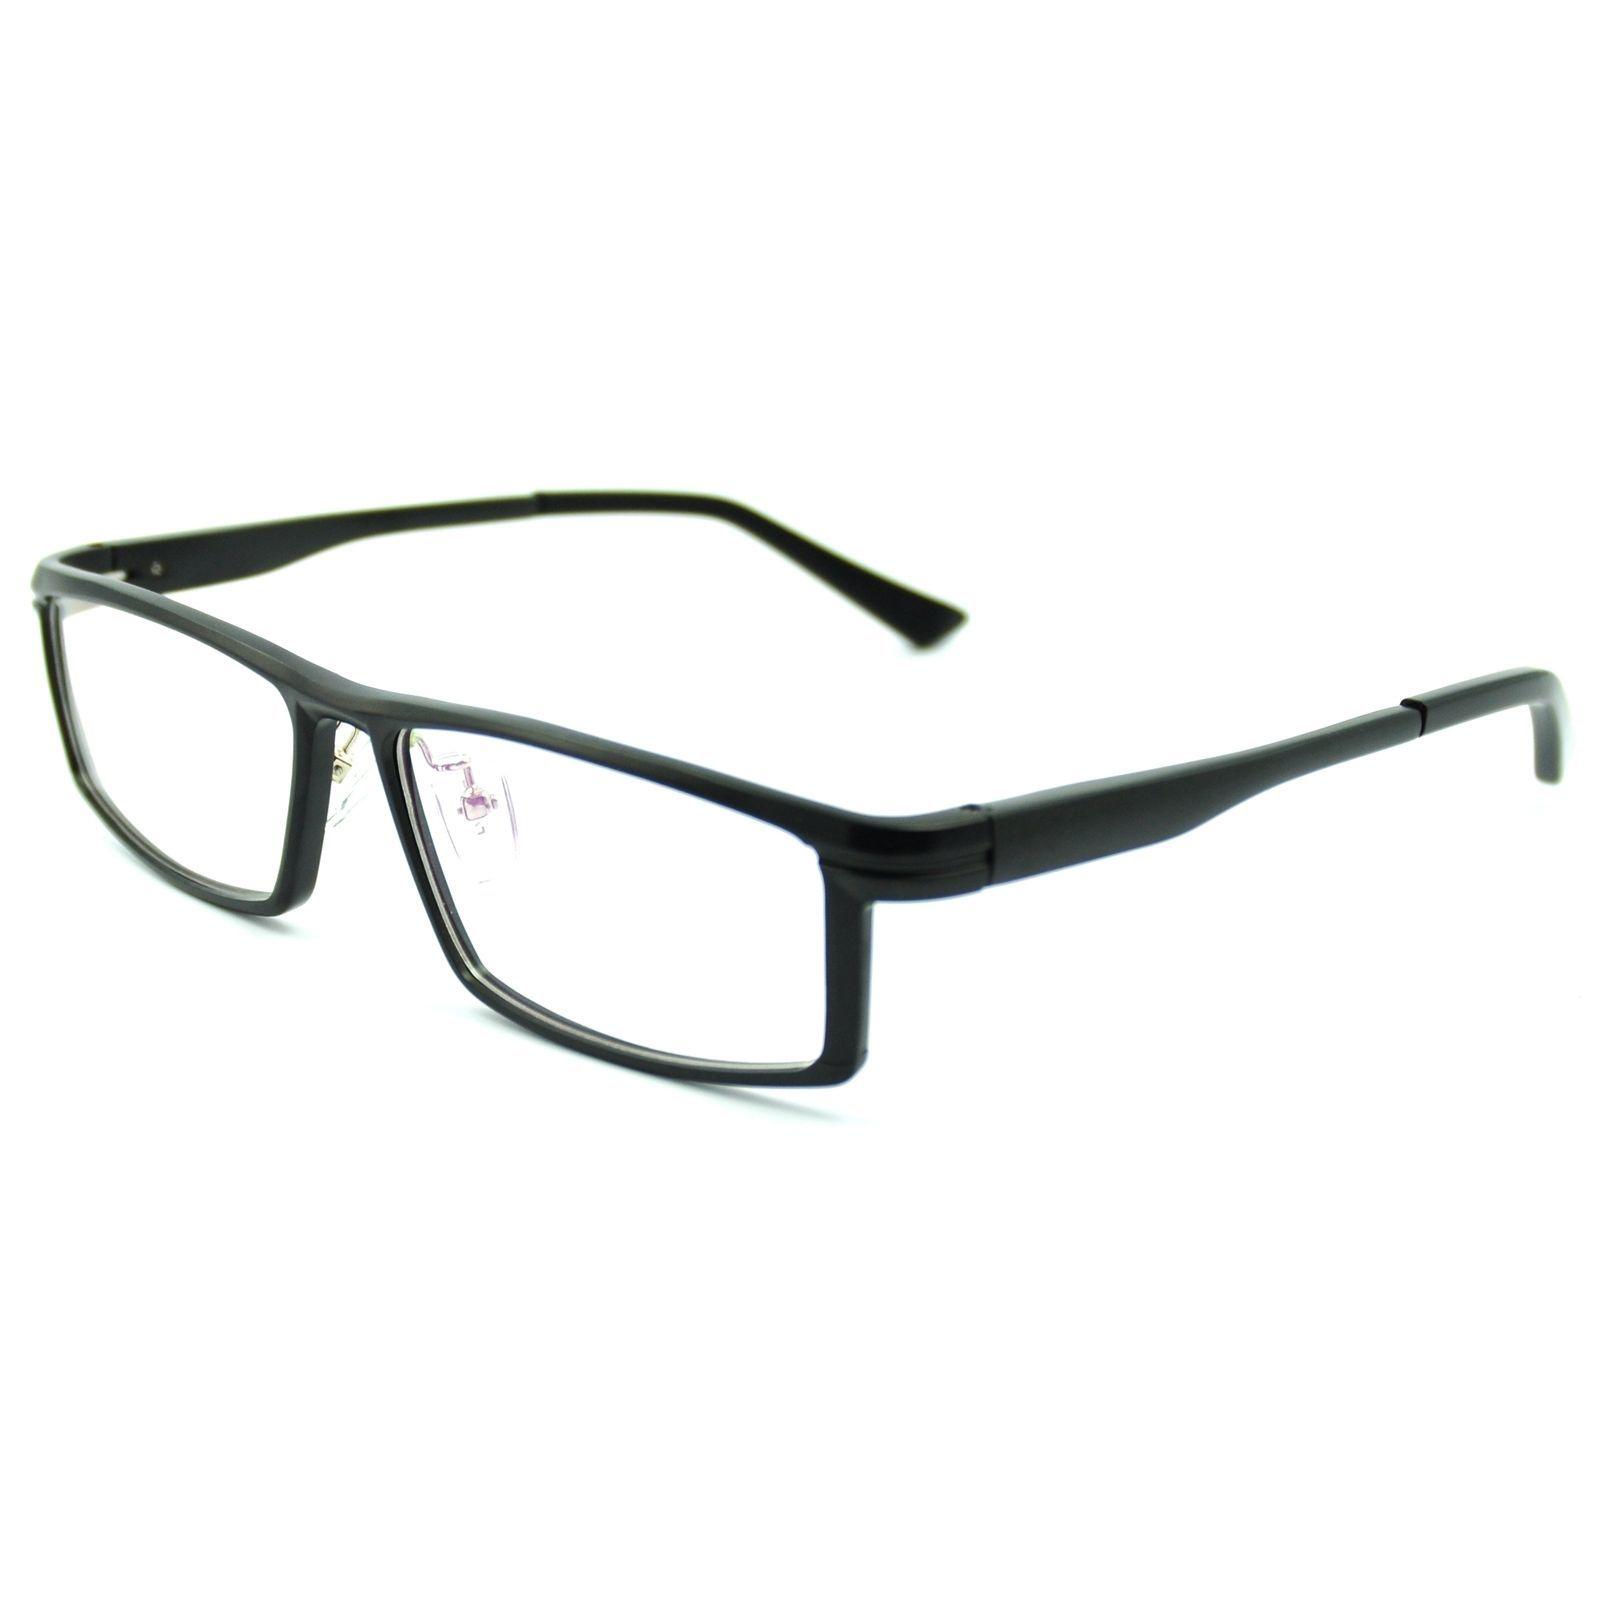 67fe27ed44 New Sporty Eyeglasses Frame Eyewear Full Rim and 50 similar items. S l1600